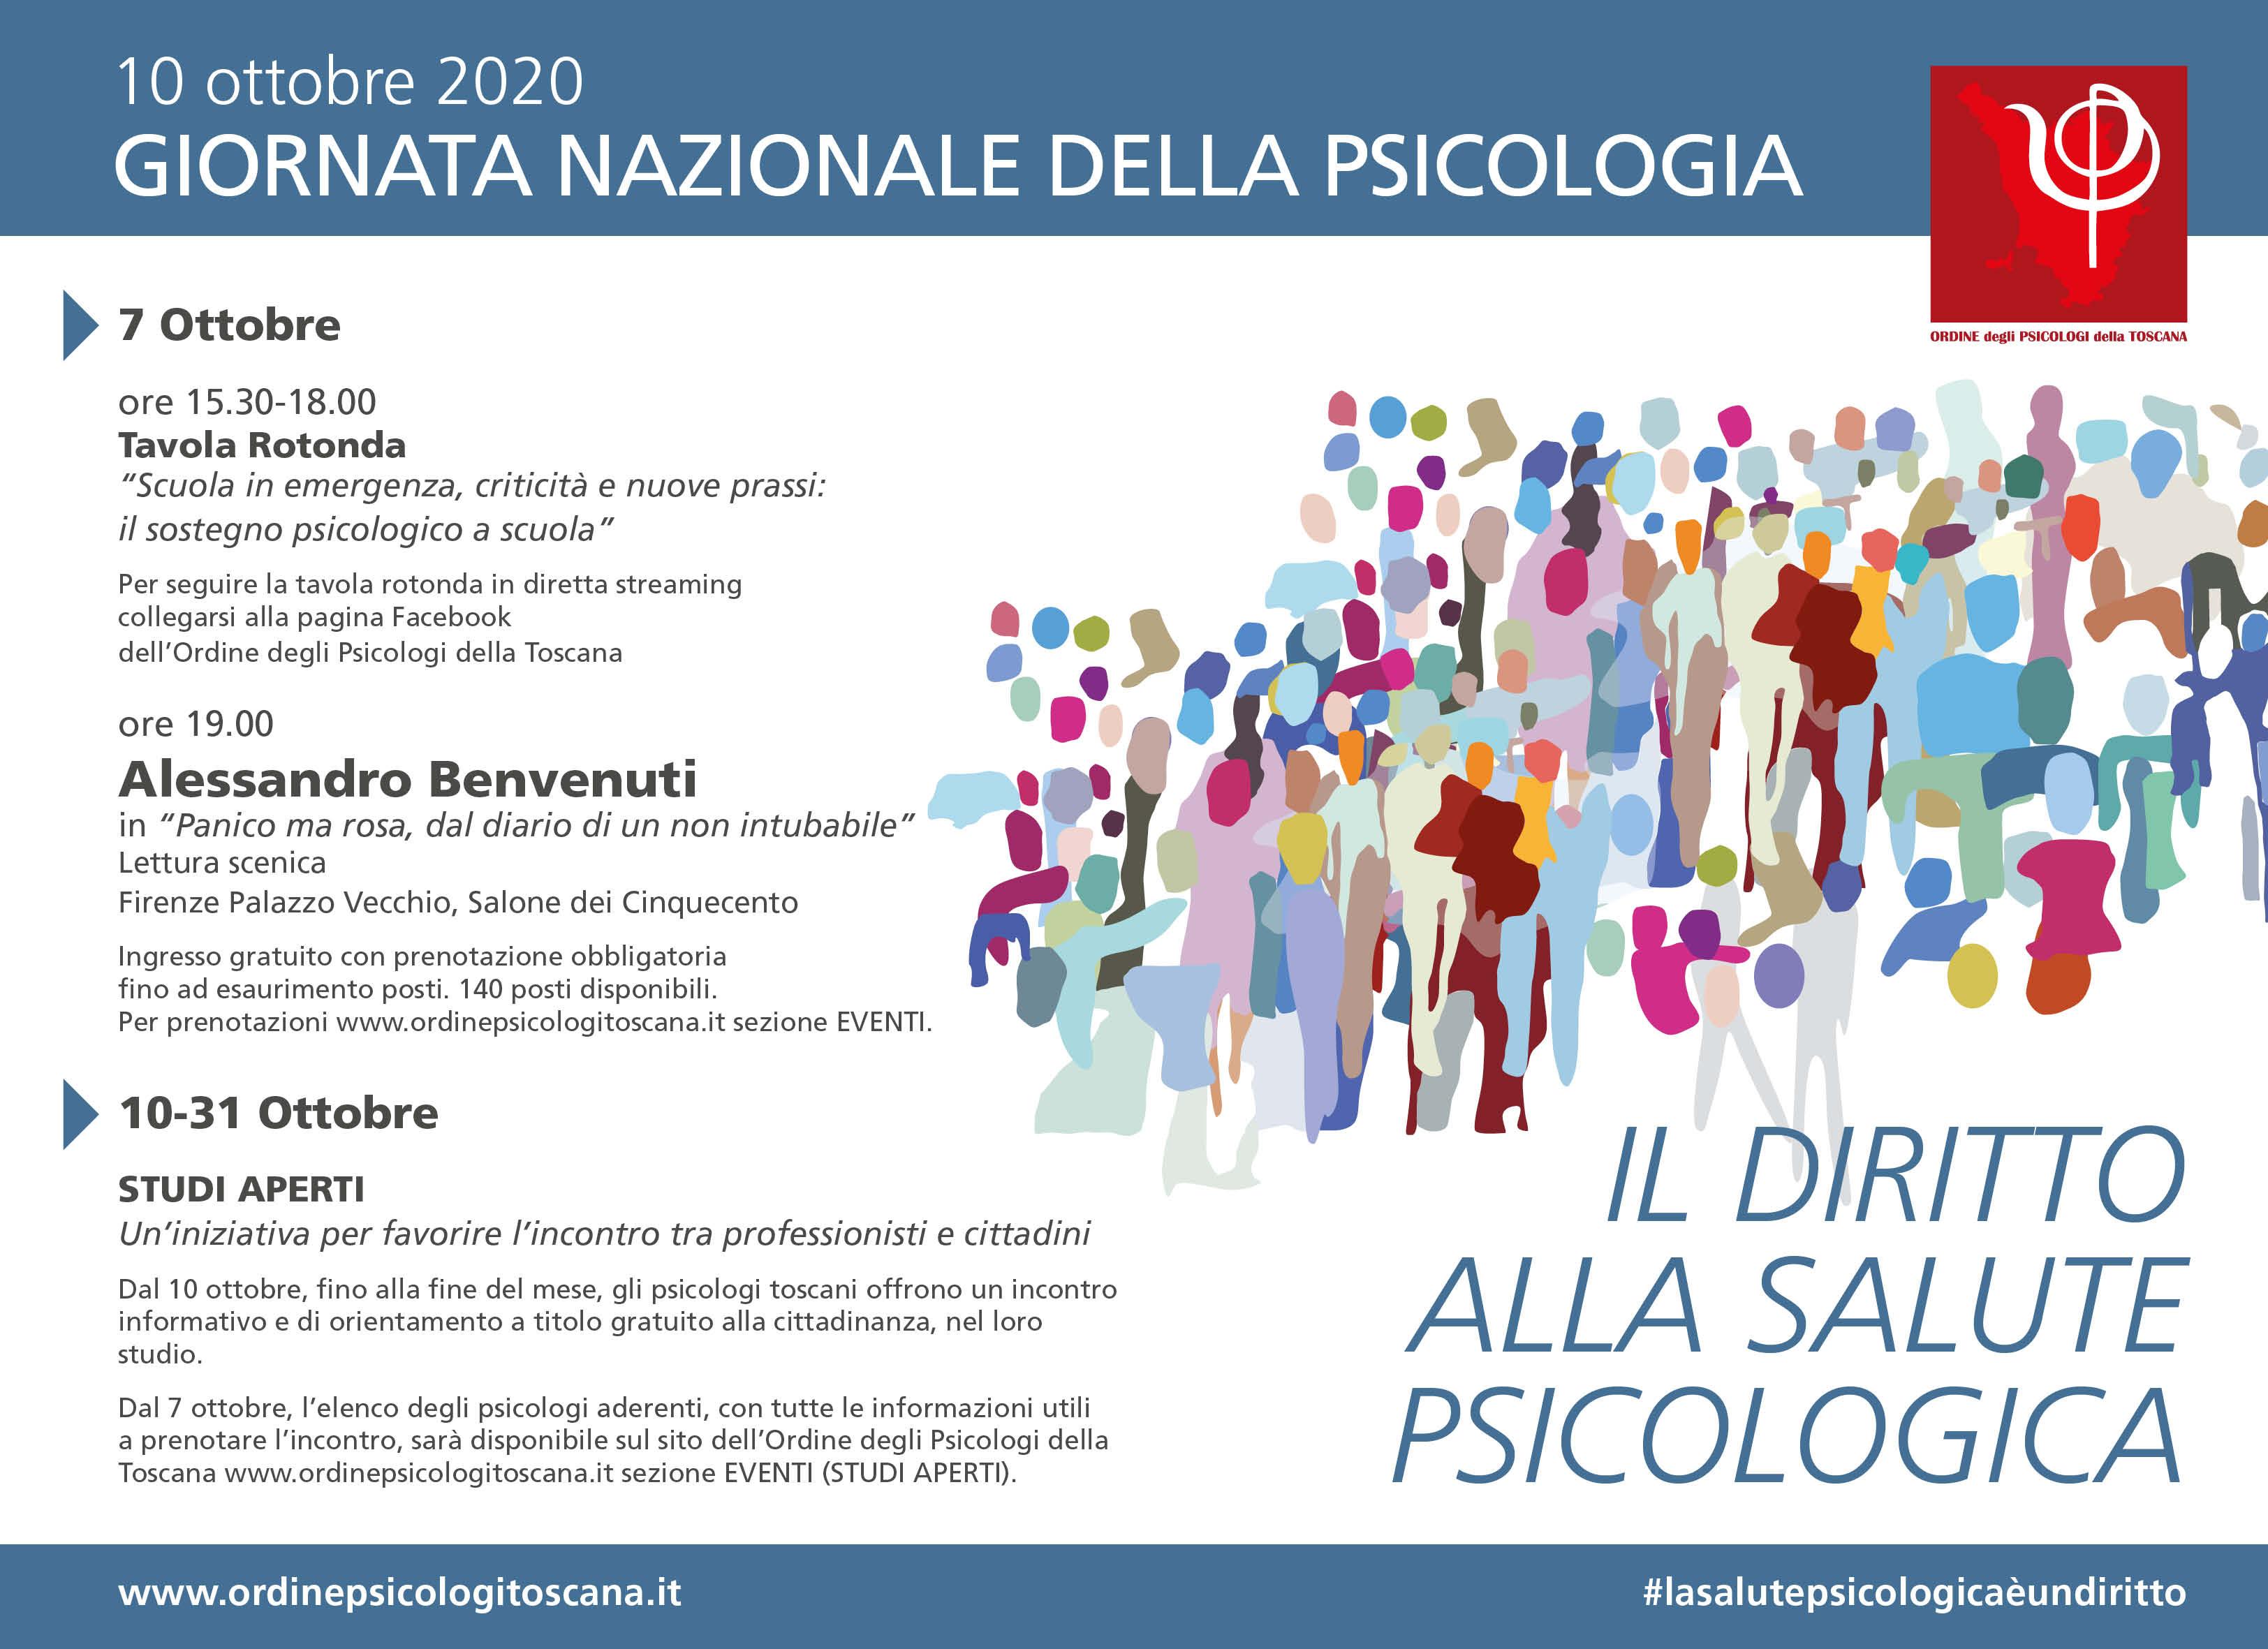 Giornata Nazionale Della Psicologia News Opt Ordine Psicologi Toscana